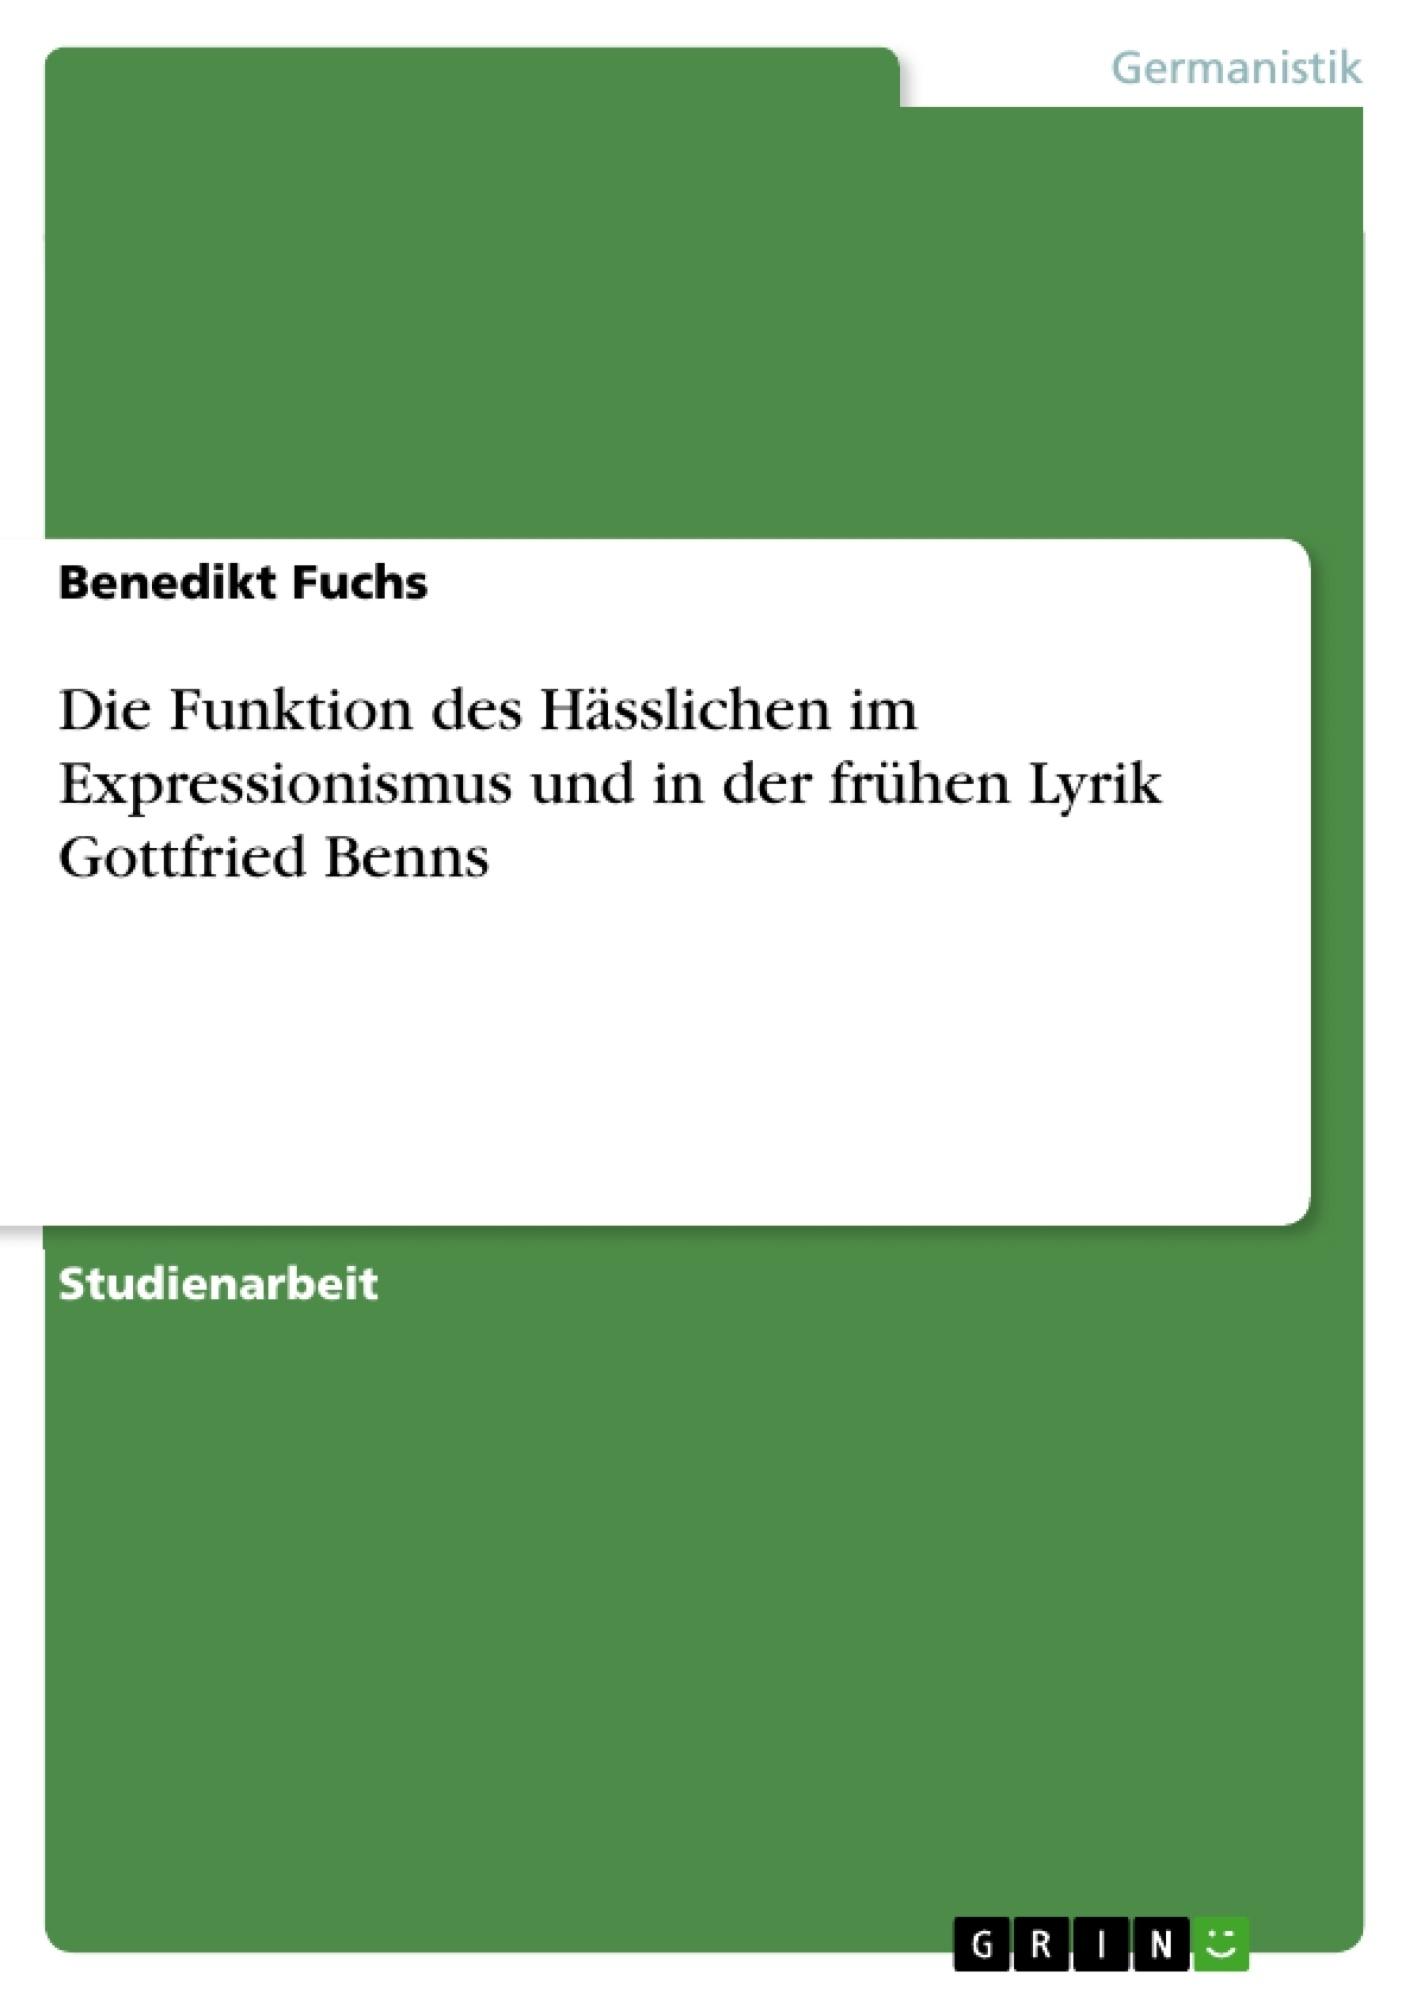 Titel: Die Funktion des Hässlichen im Expressionismus und in der frühen Lyrik Gottfried Benns